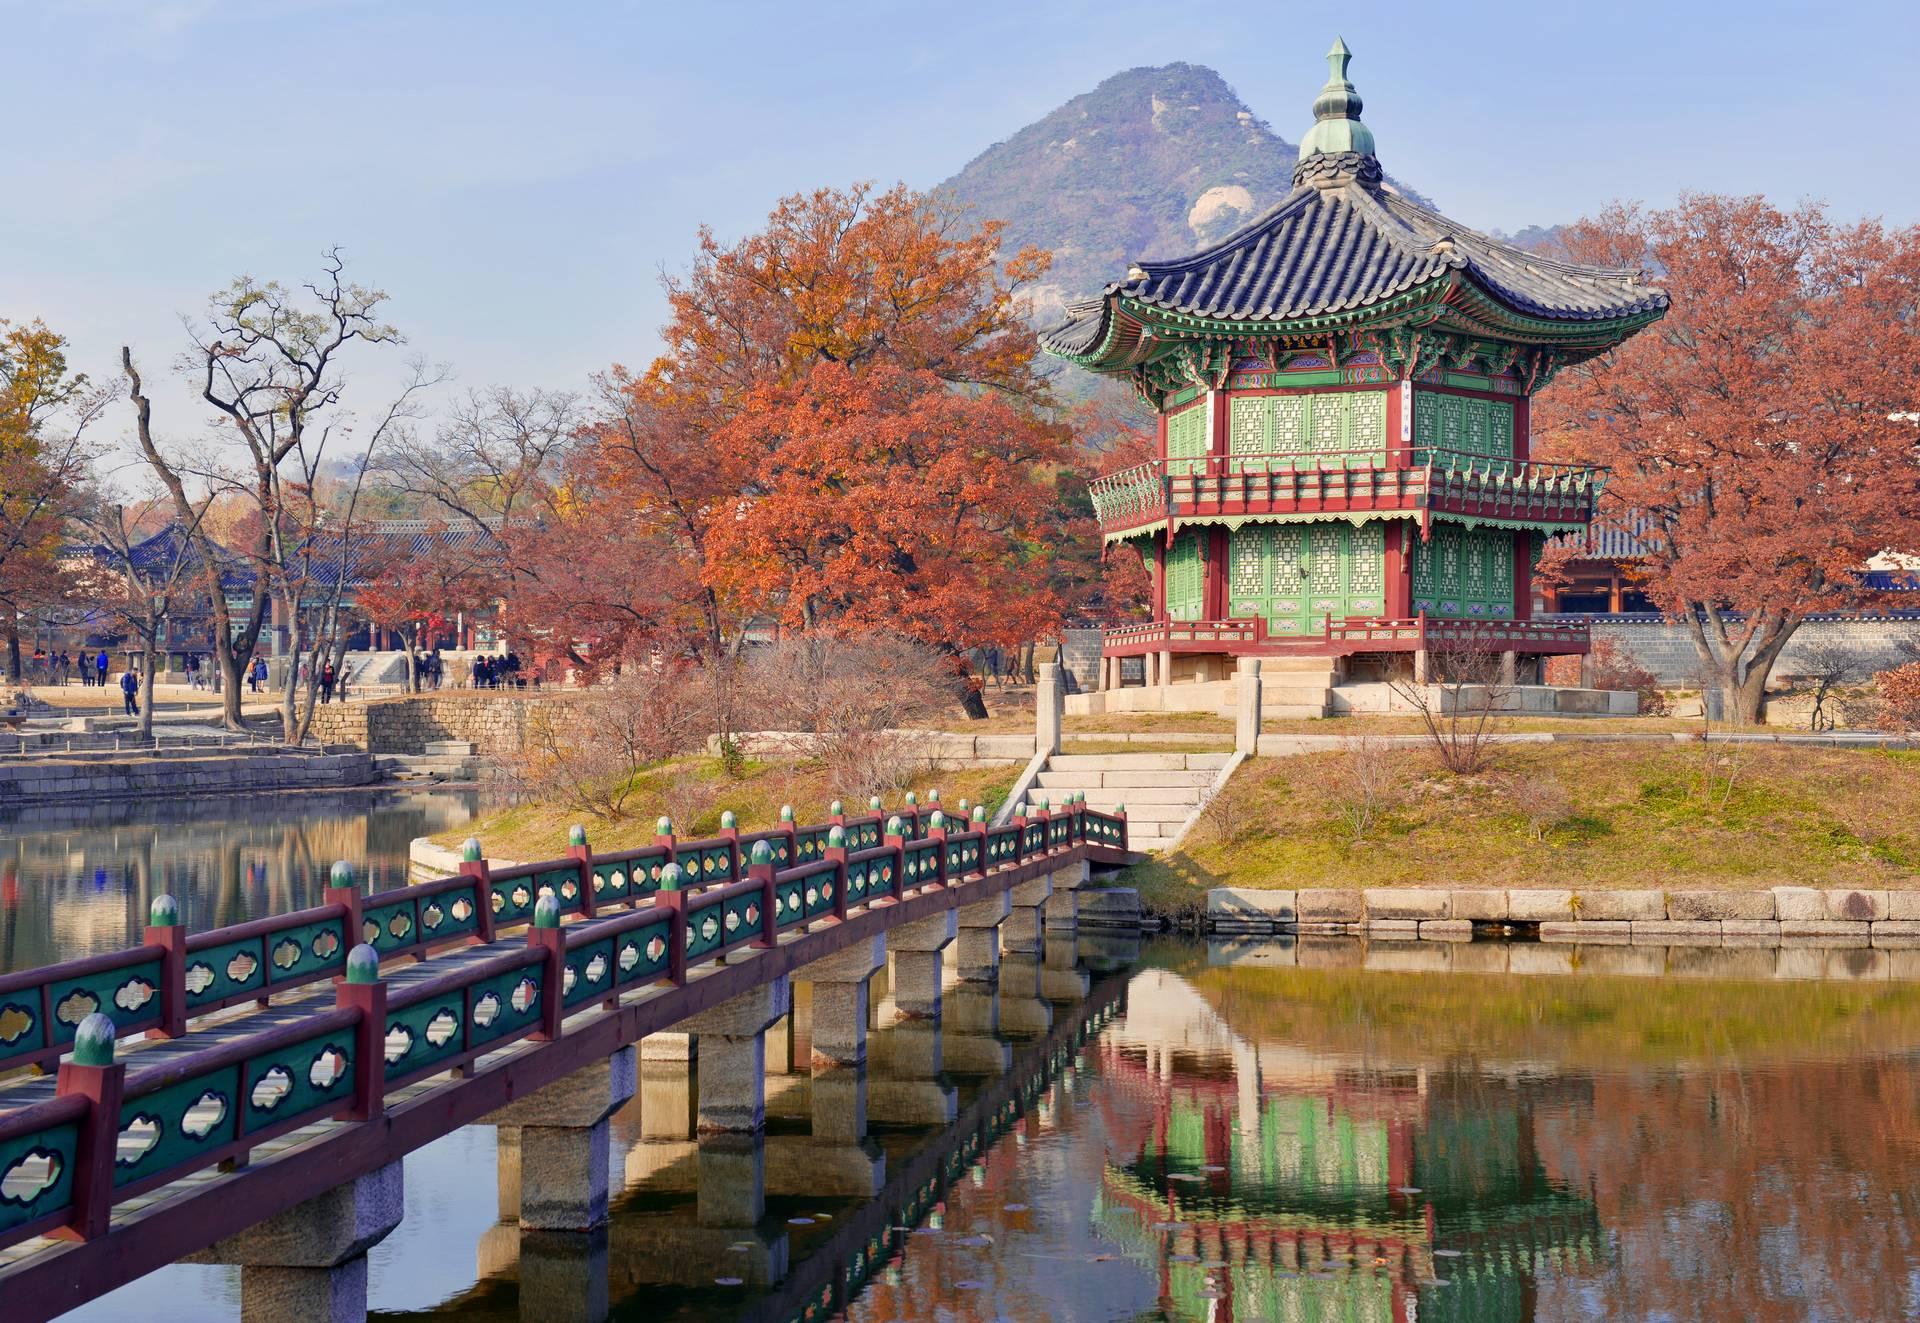 Южная Корея в период красных кленов